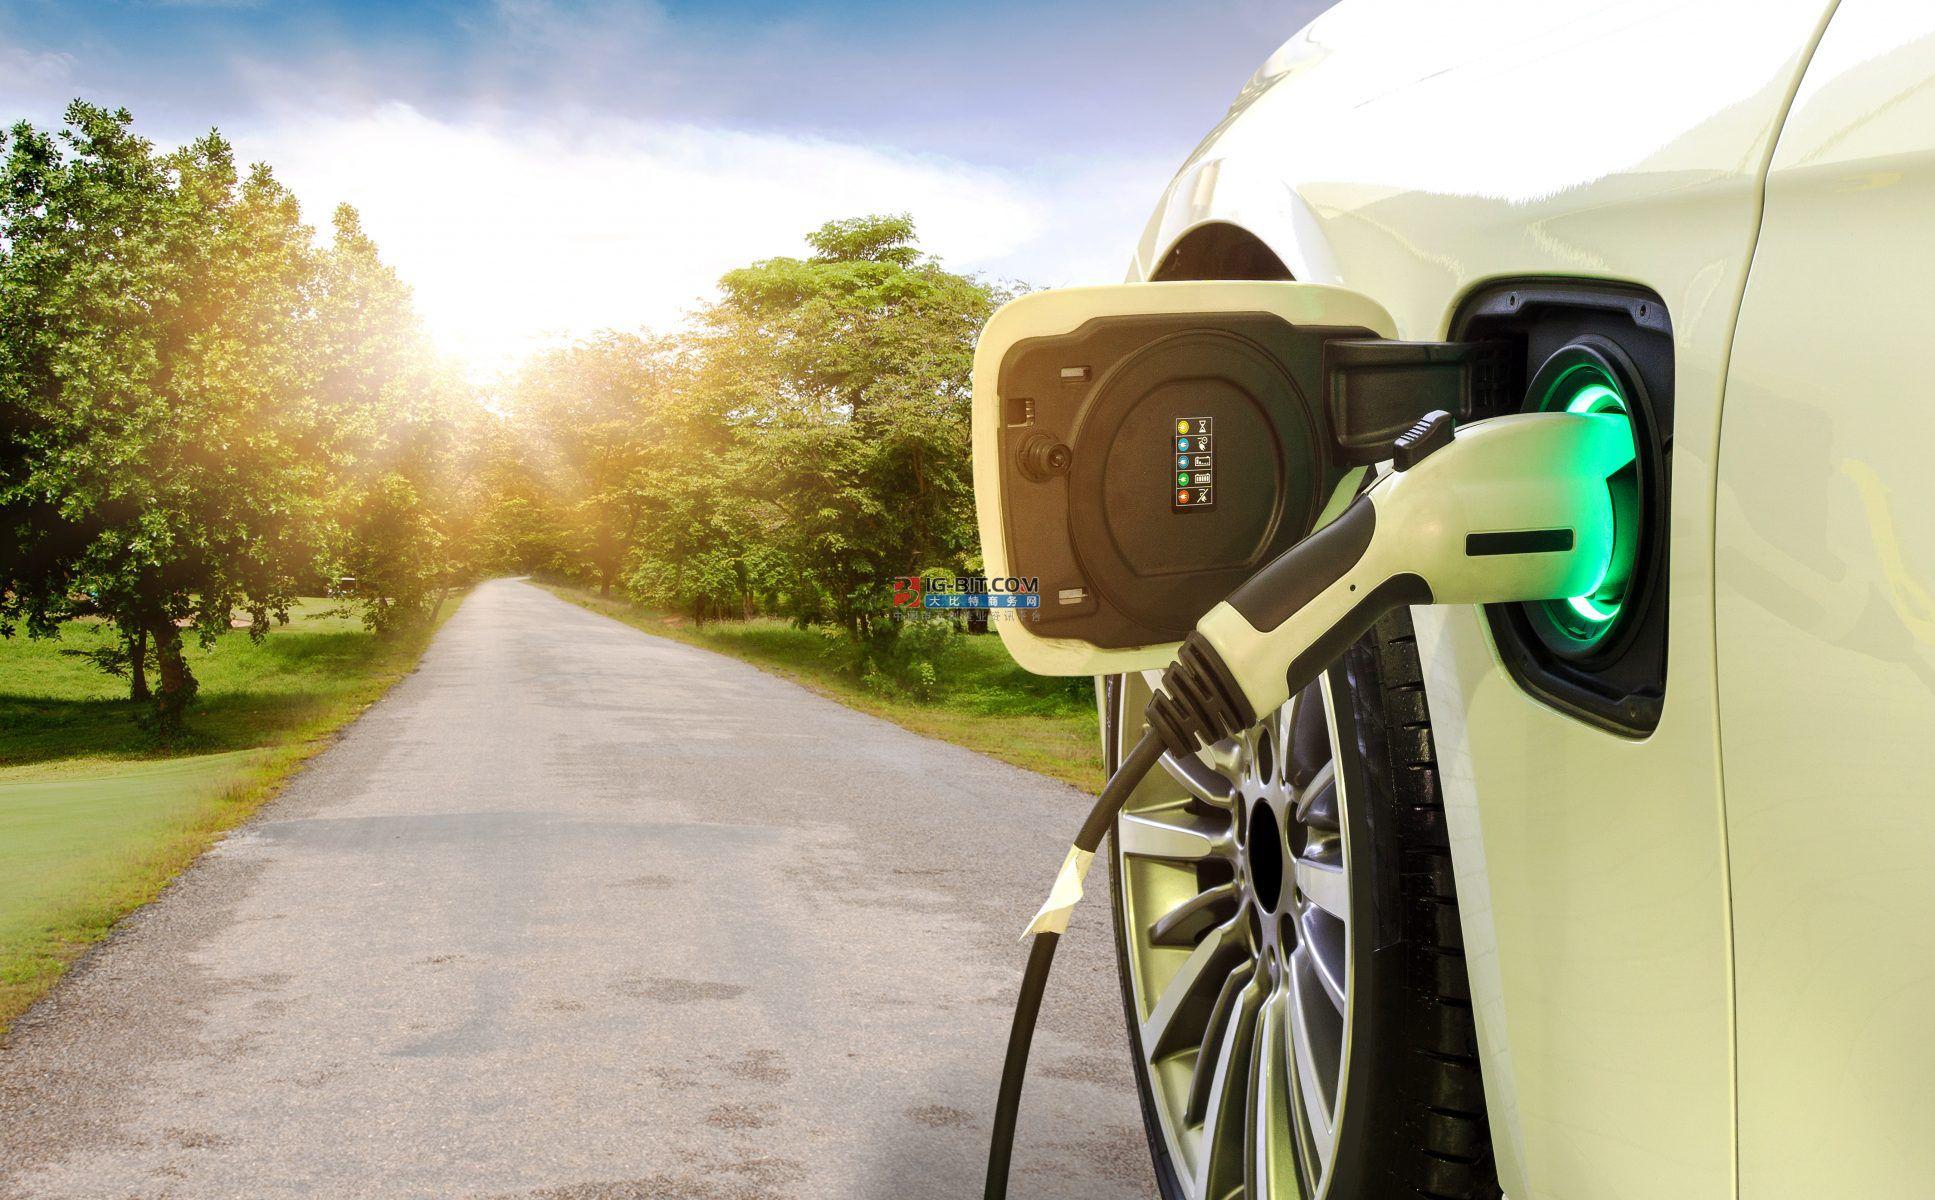 彭博社預測:疫情致電動汽車銷量下滑 今年電池需求或首次下跌